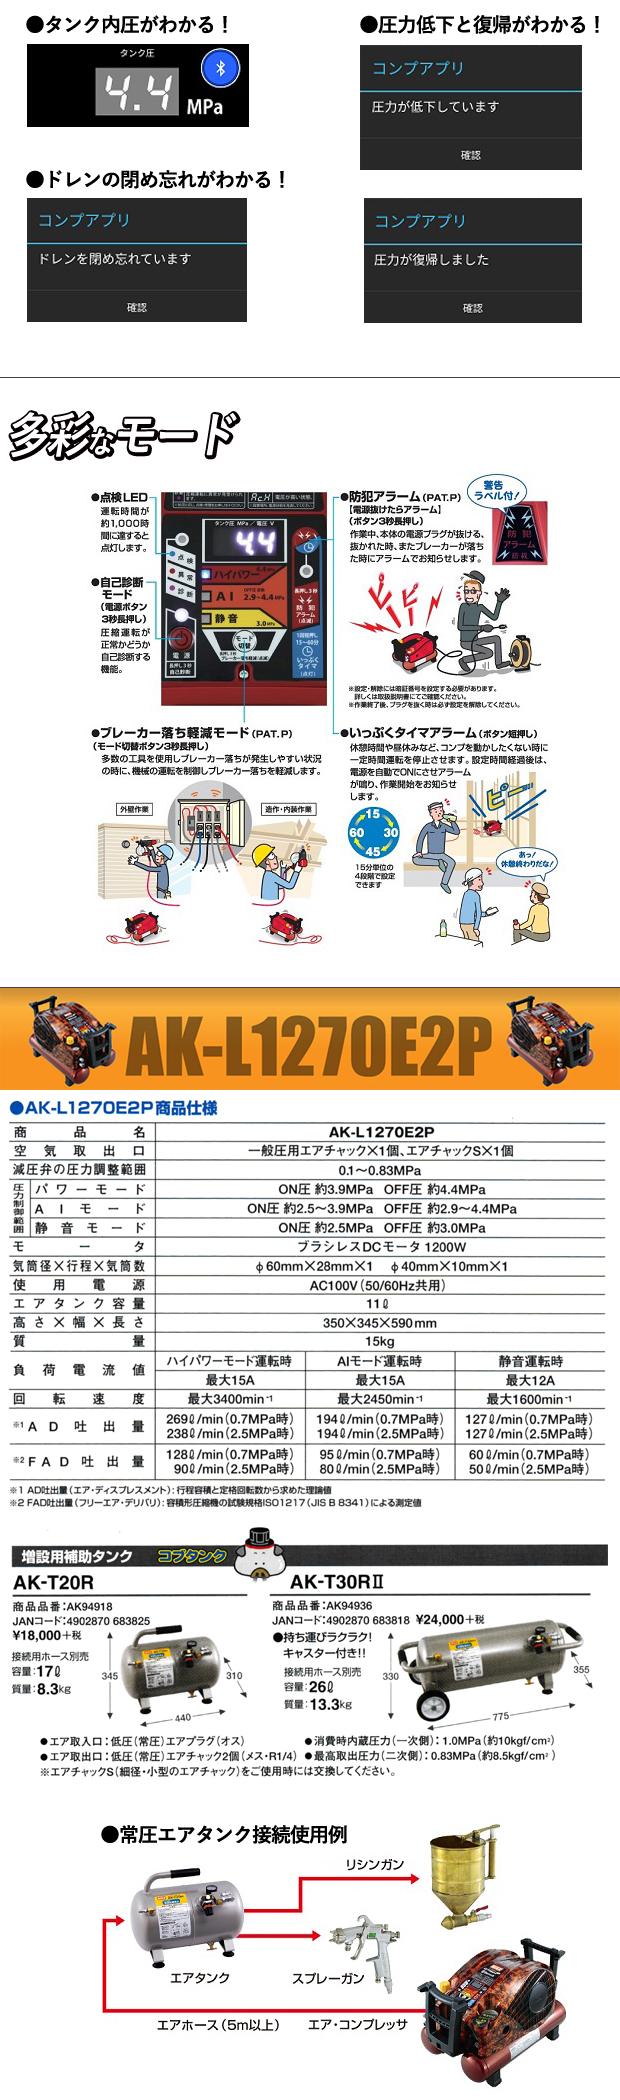 MAX 塗装対応 常圧専用コンプレッサ AK-L1270E2P